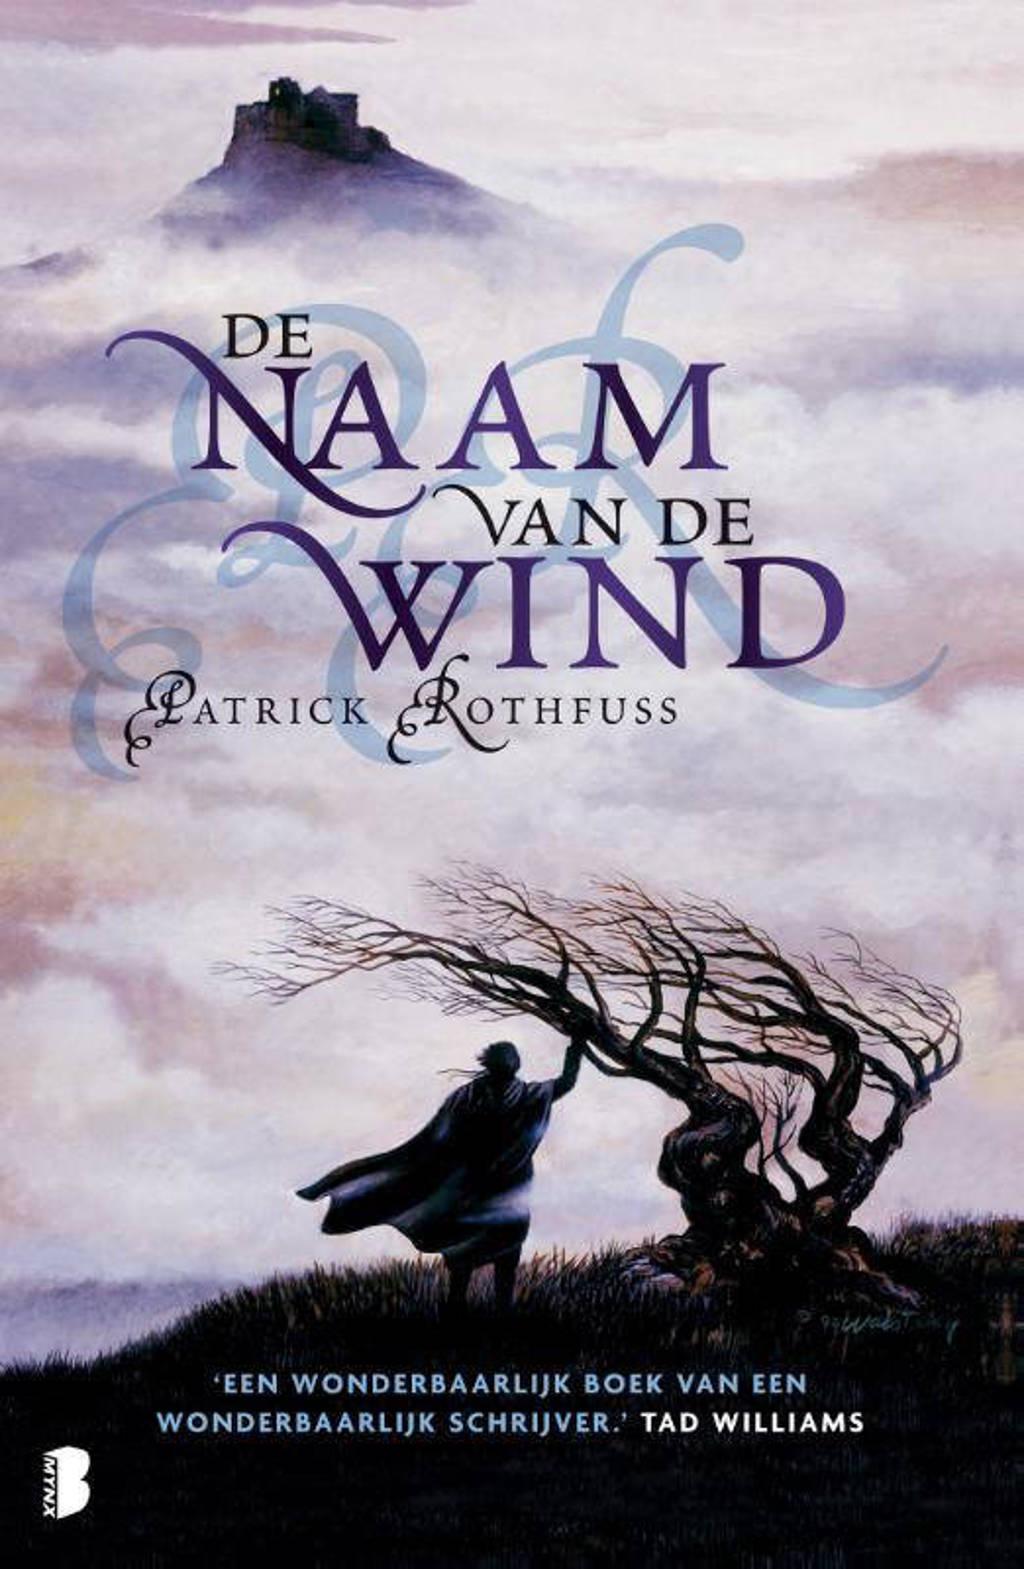 De naam van de wind - Patrick Rothfuss